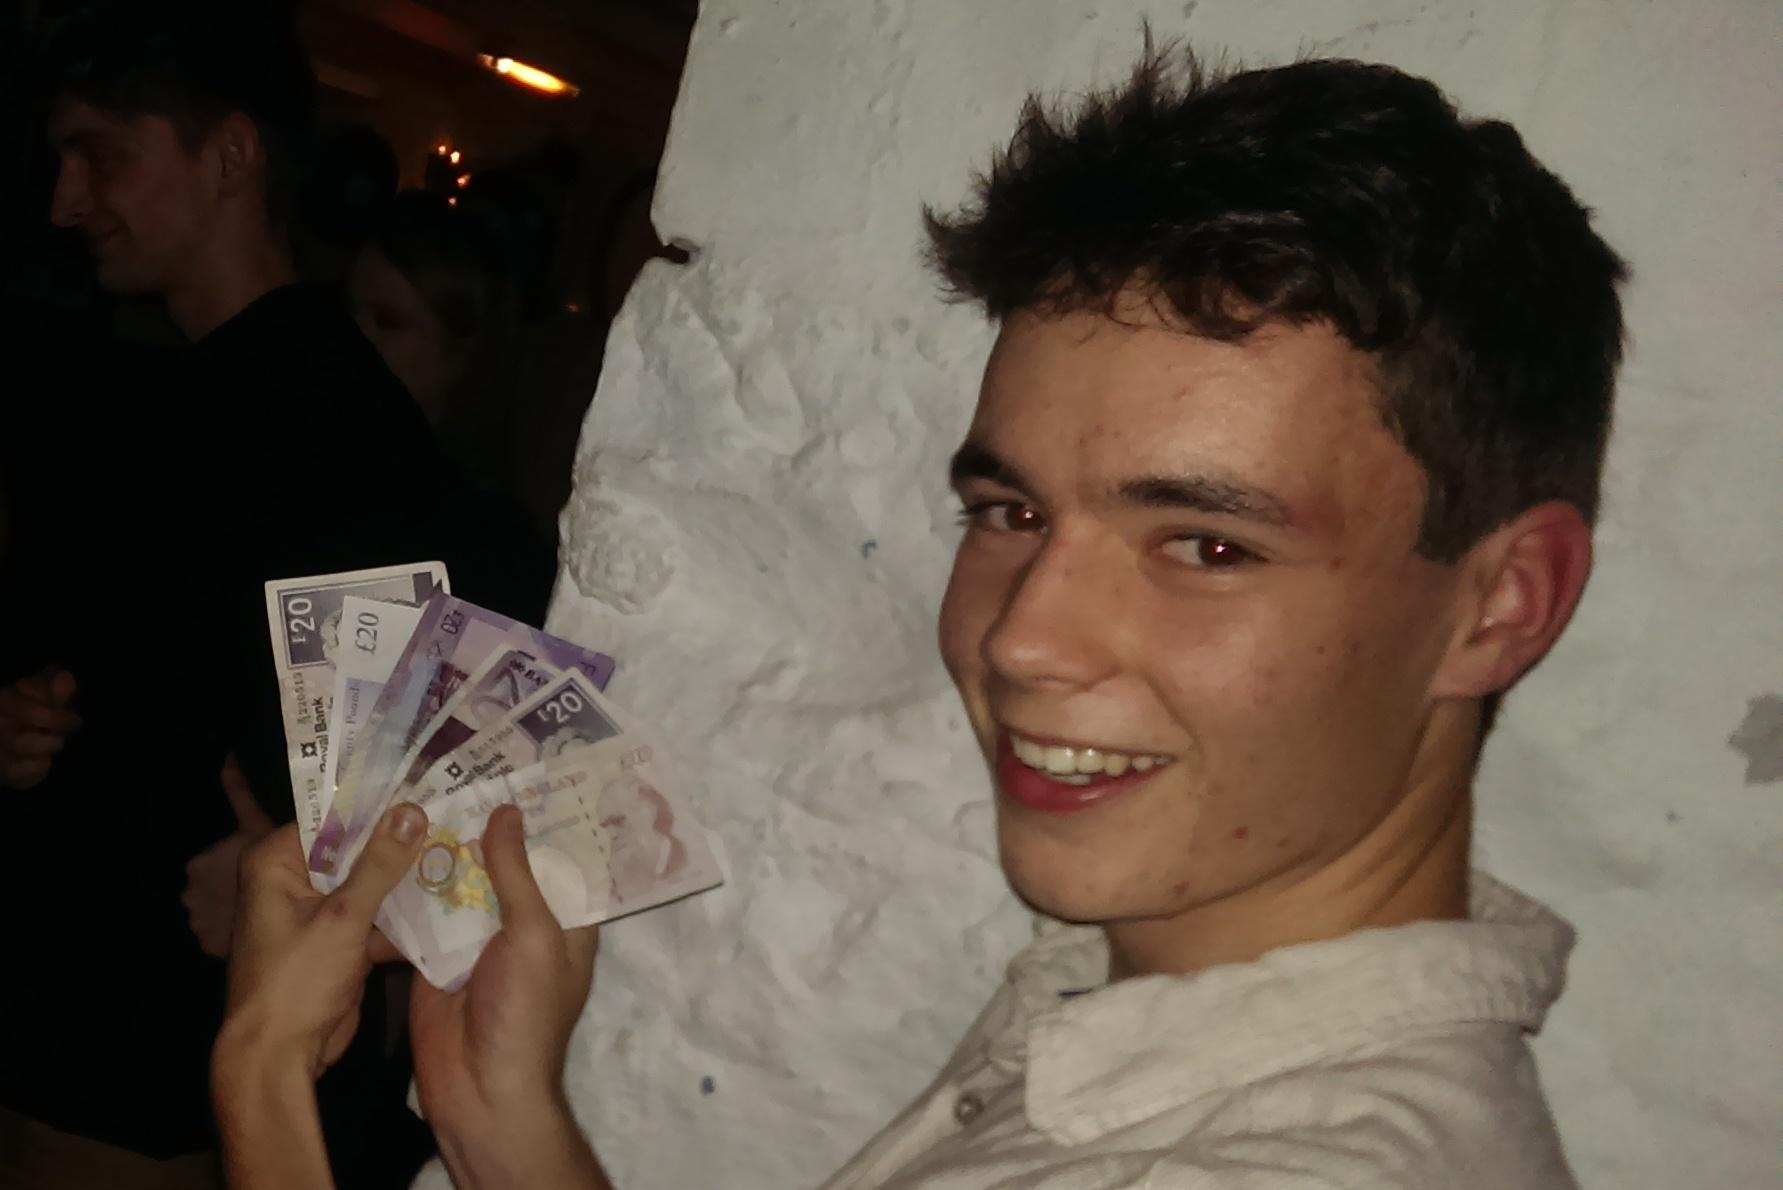 Young jackpot winner